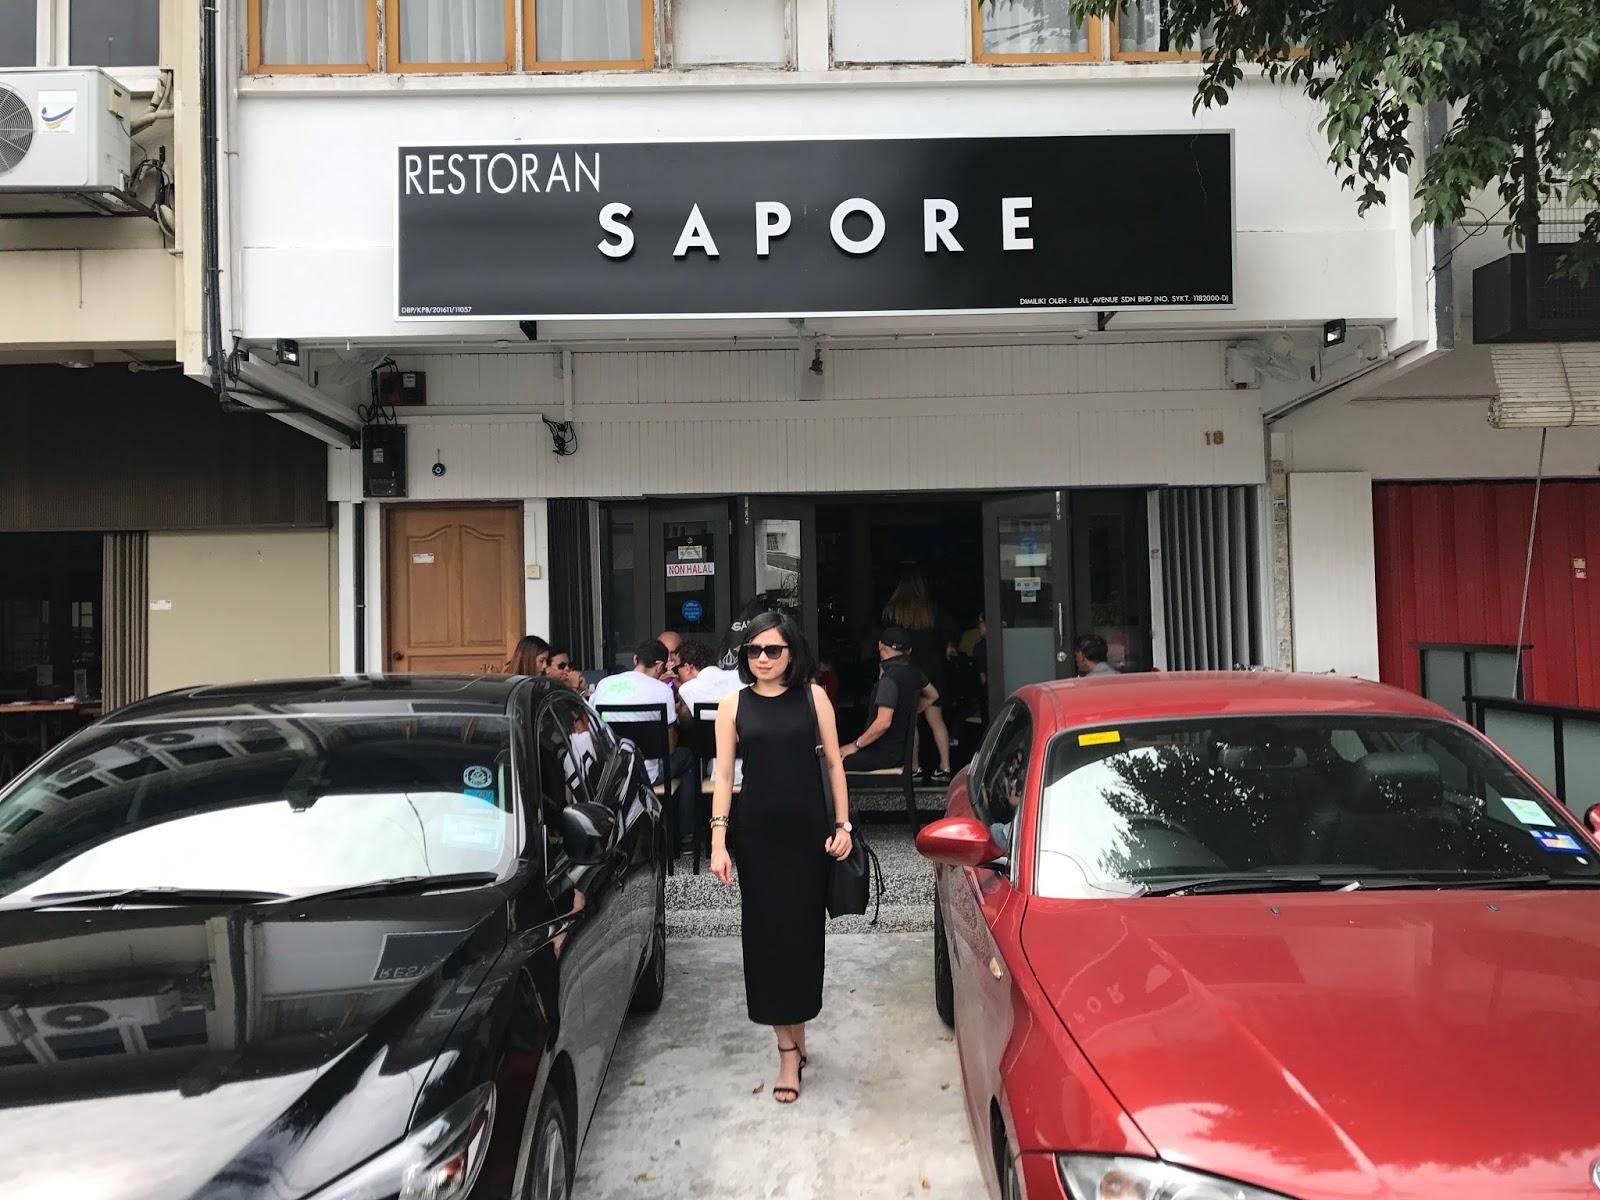 Sapore Restaurant - New Spanish & Italian Food @ Persiaran Ampang, Kuala Lumpur